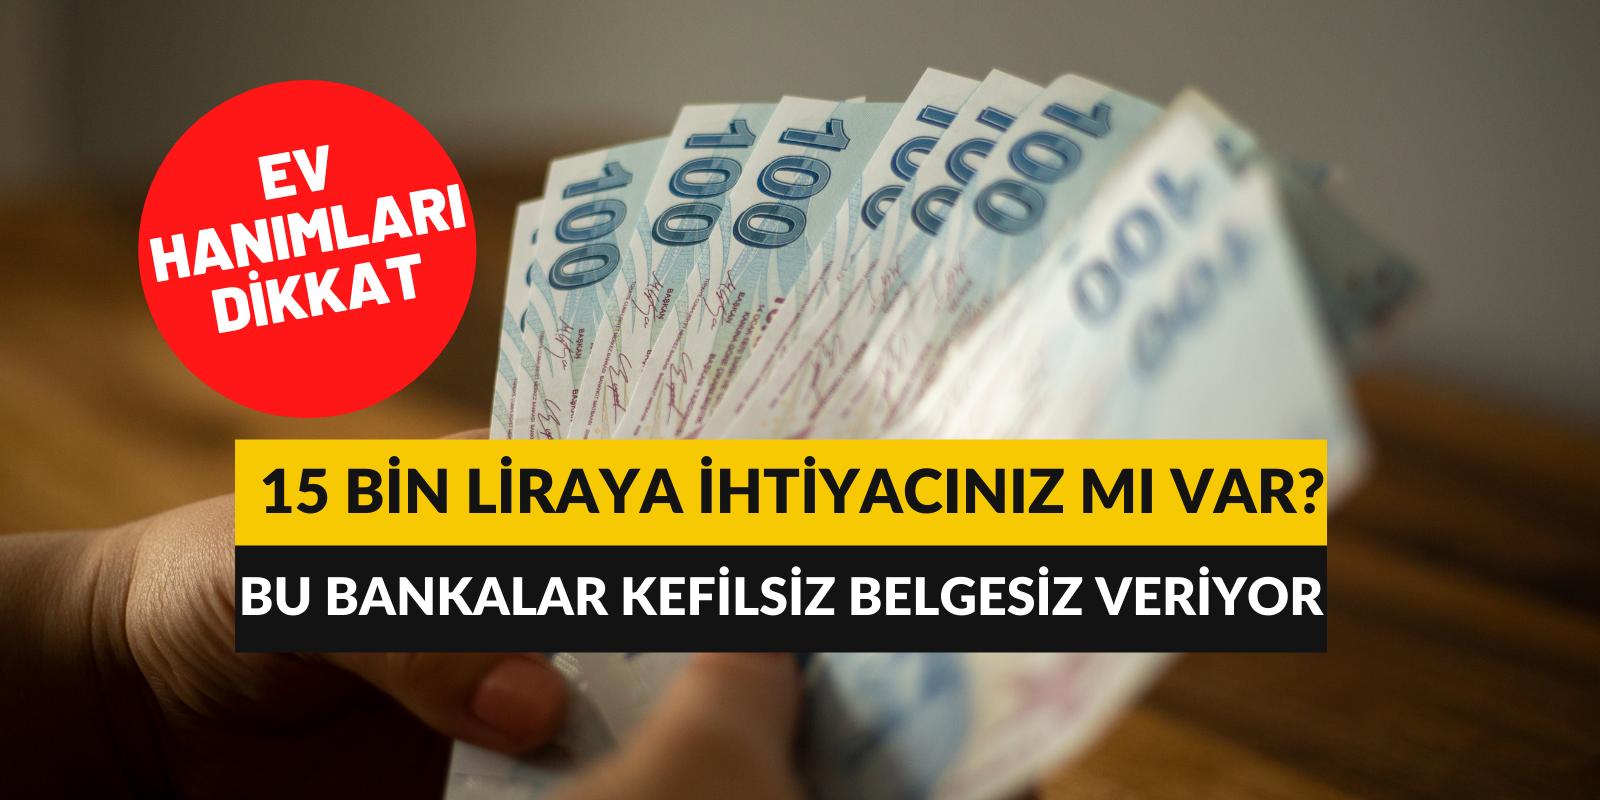 Giresun Valiliğinden yakalanan PKK'lı ile ilgili açıklama